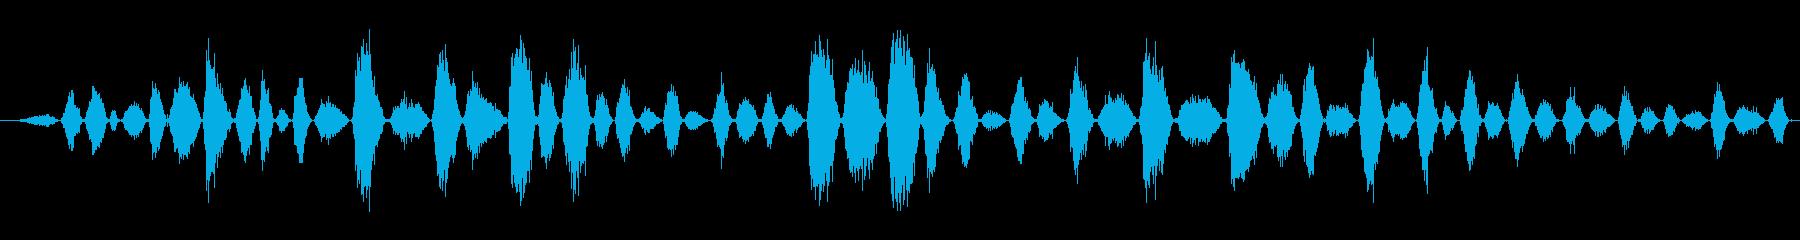 呼吸 女性の非常に高速な不均等シー...の再生済みの波形